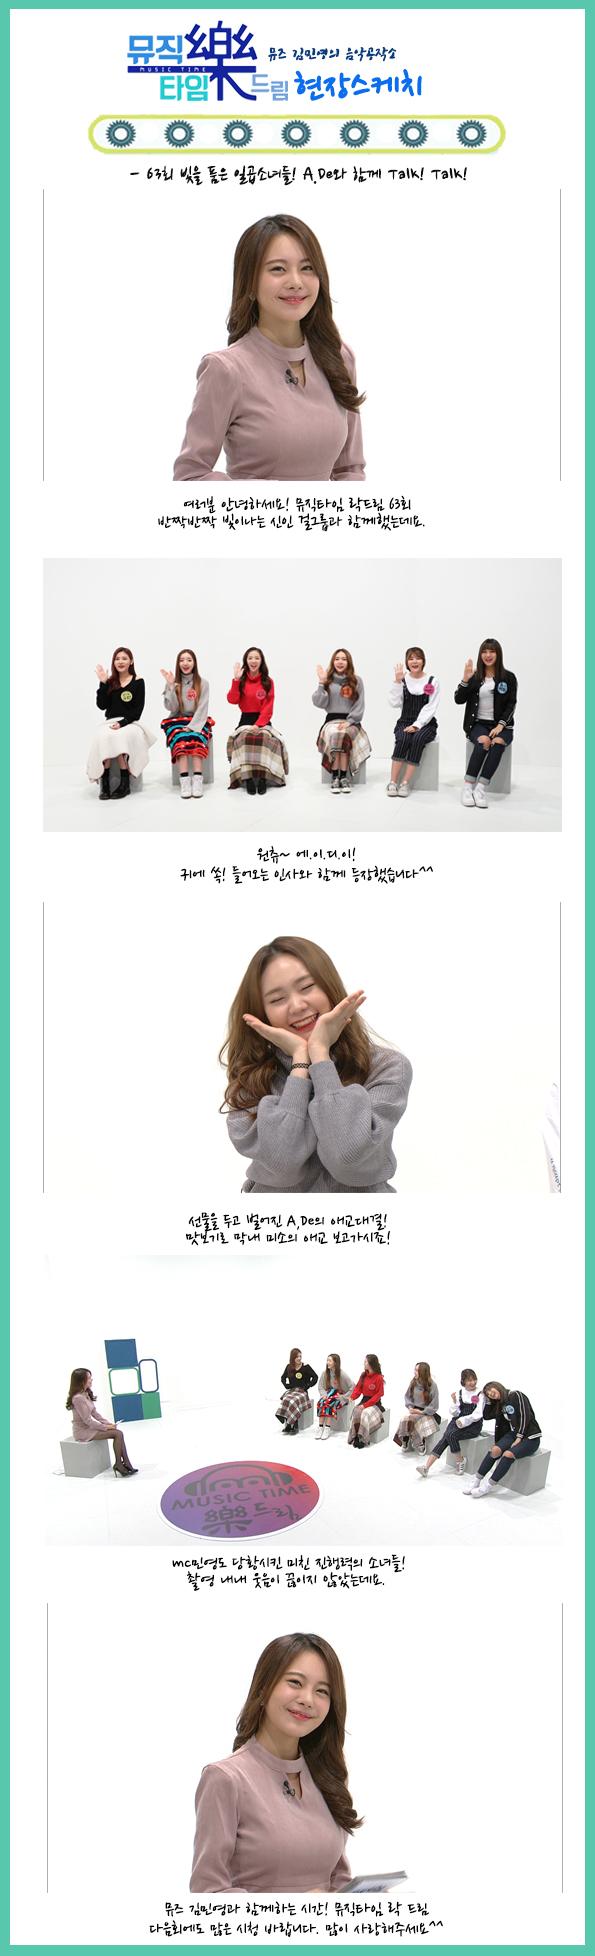 63회 / '빛을 품은 일곱 소녀들' A.De와 함께 Talk! Talk!